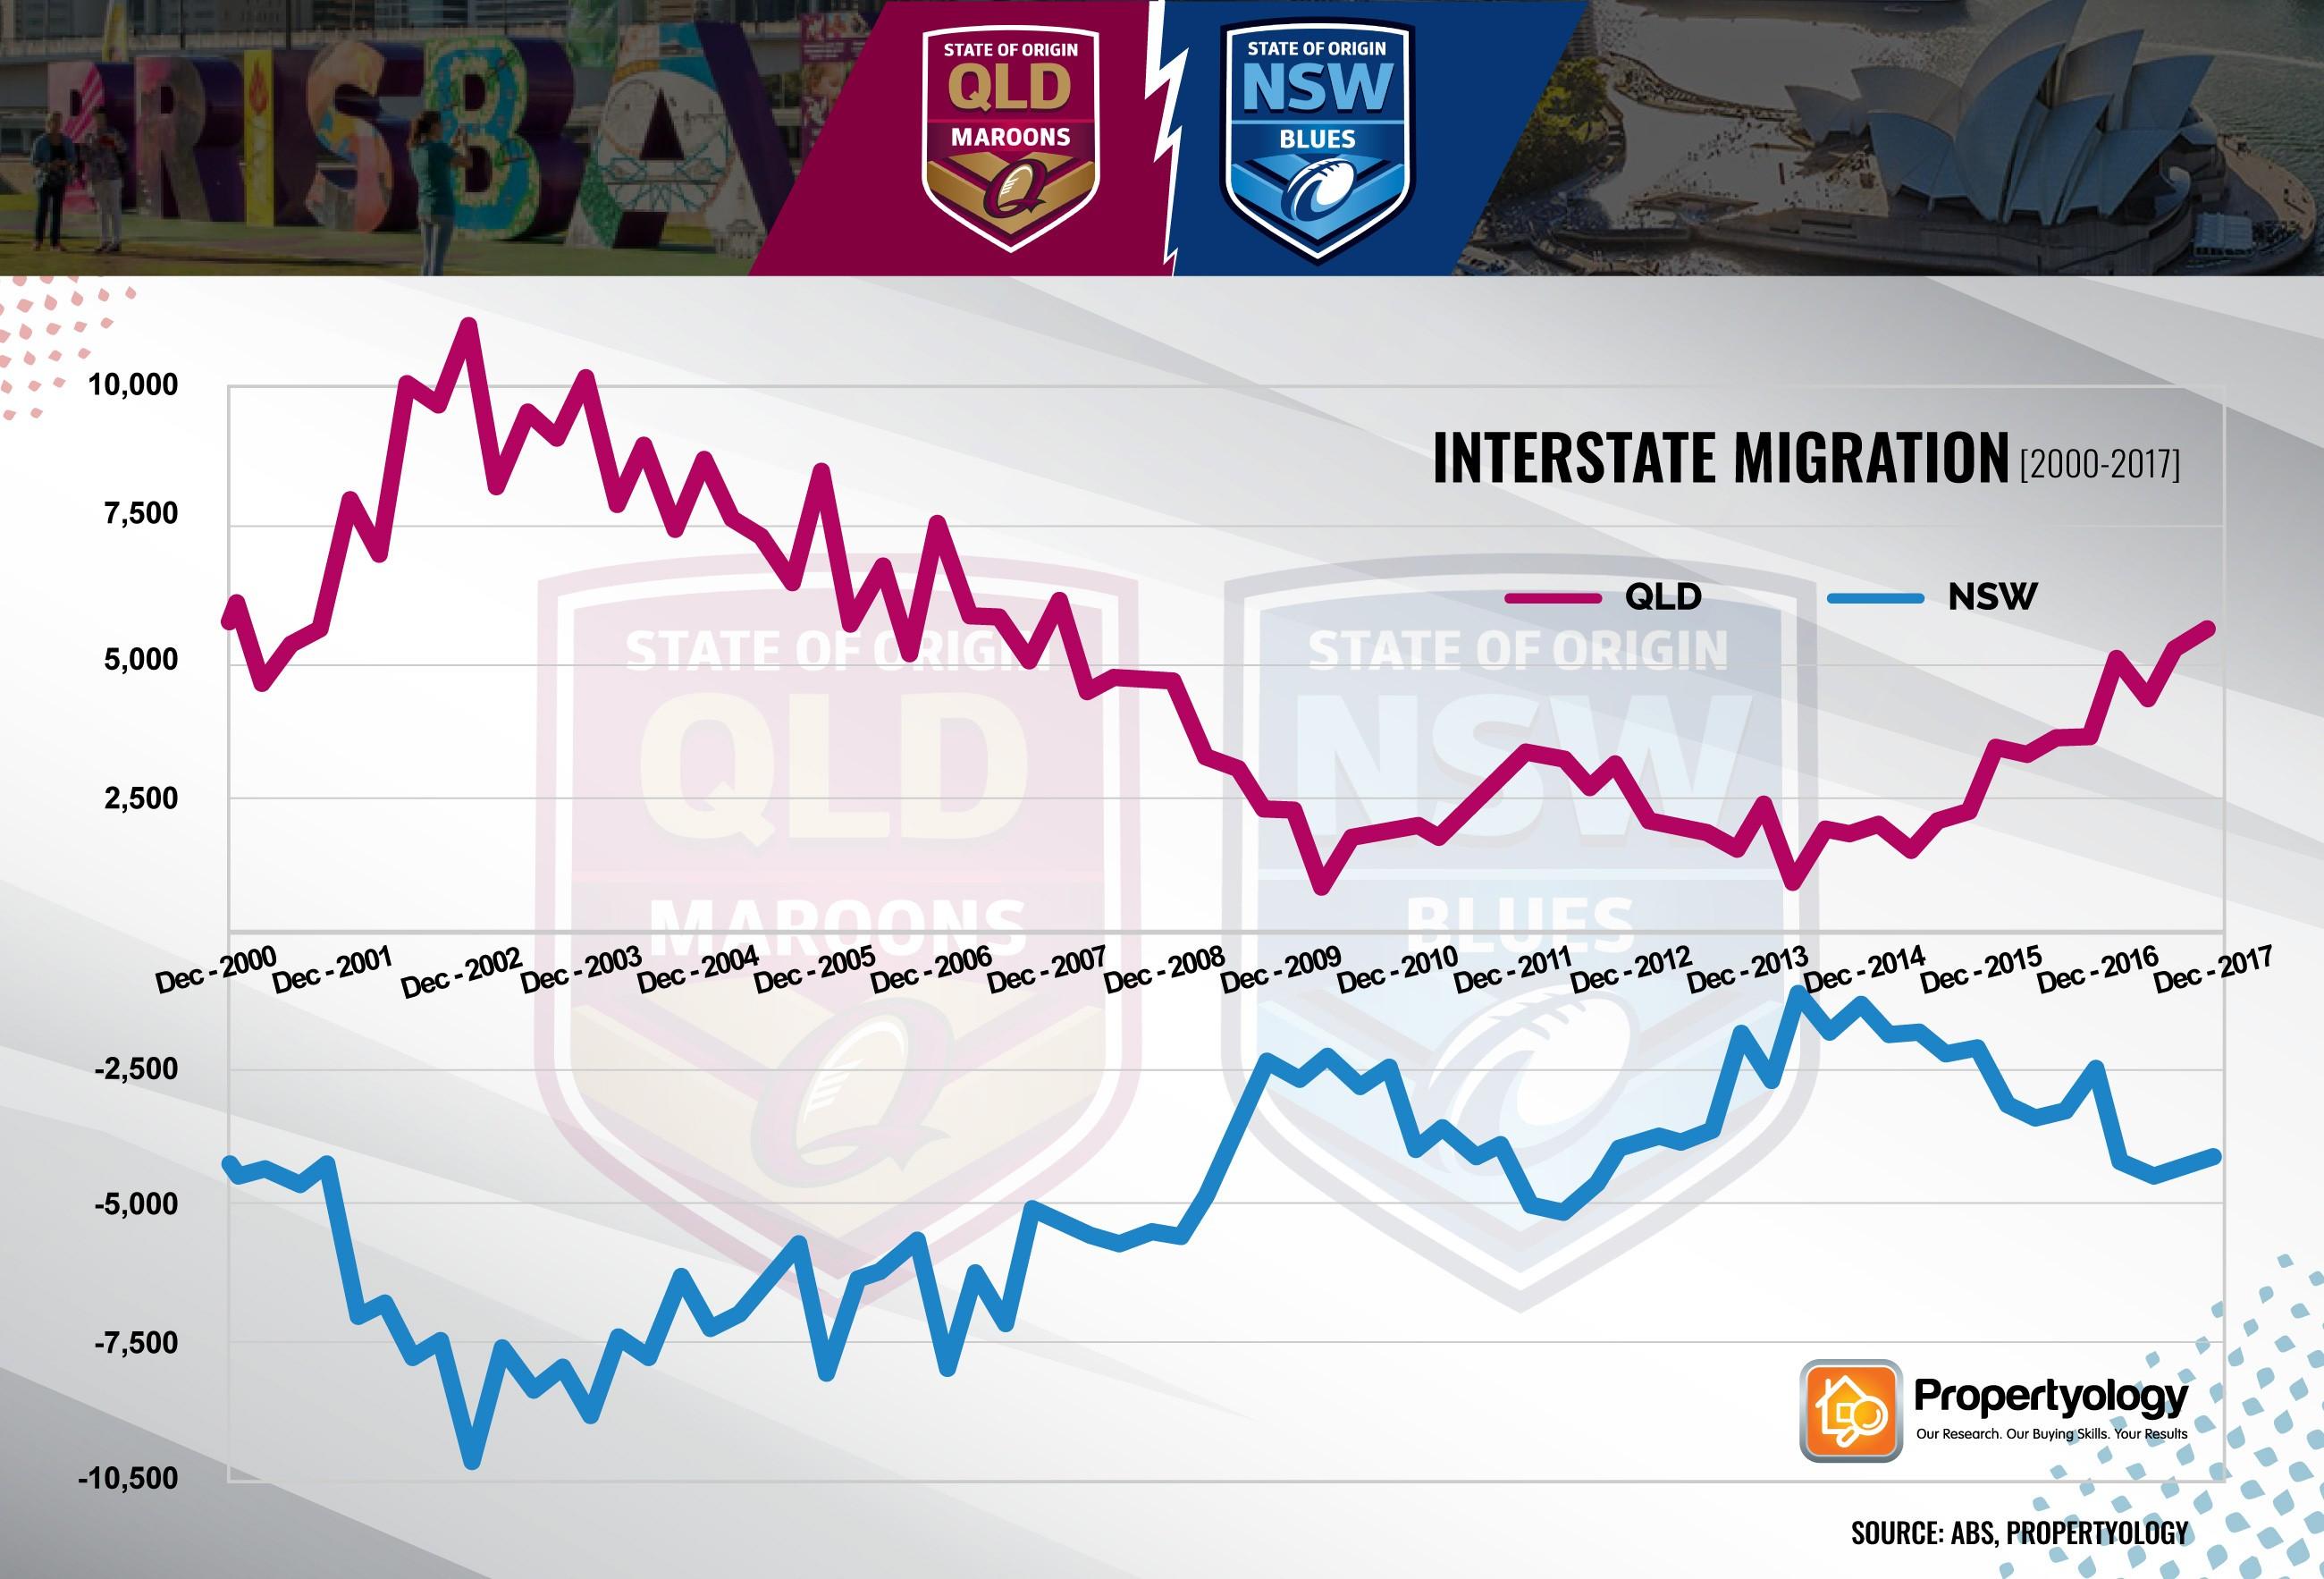 QLDNSW interstatemigration